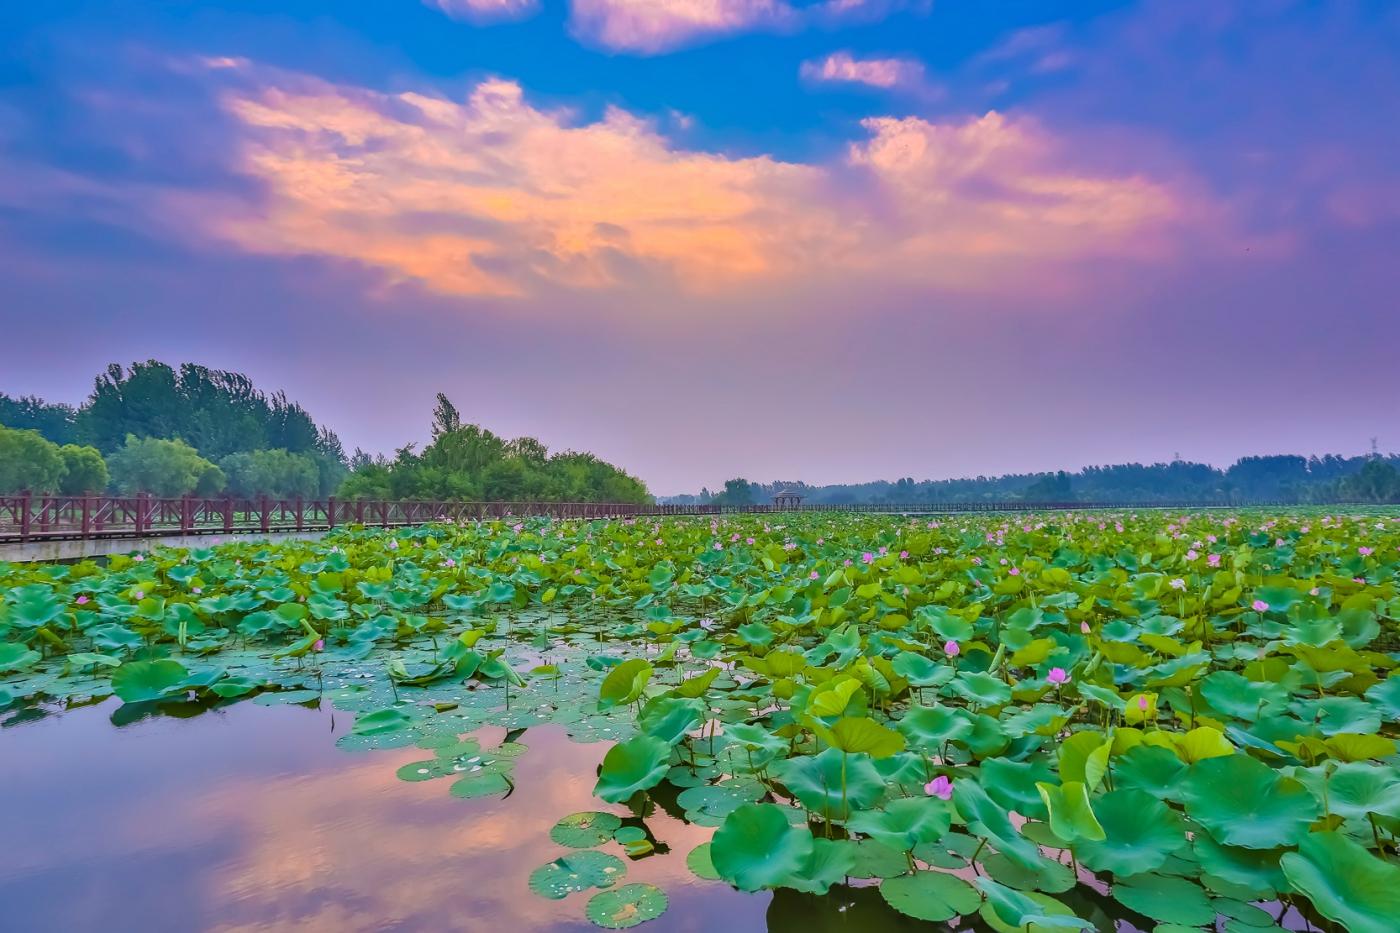 早晨的祥云印照下的临沂黄山武河湿地红荷园_图1-10